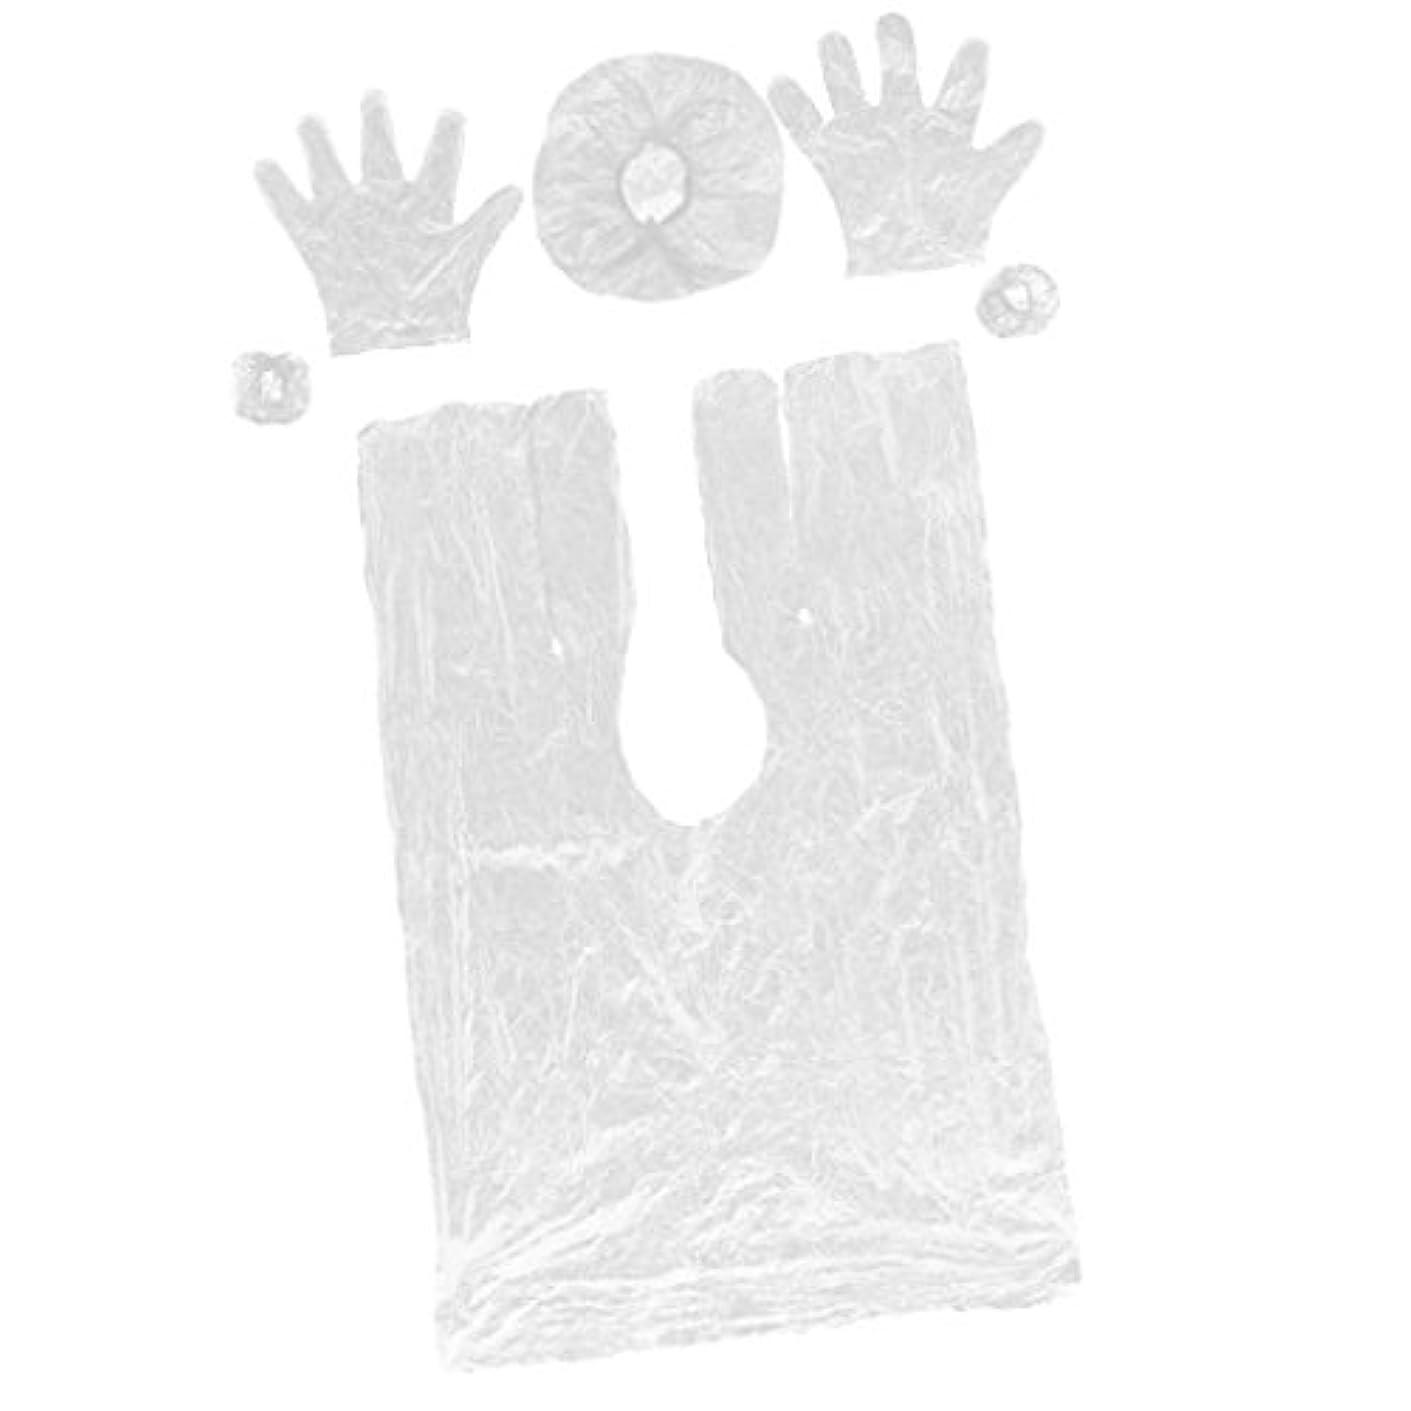 前述の機知に富んだカトリック教徒Perfk 使い捨て ヘアケア サロン プロ 自宅用 弾性キャップ サロンケープ  手袋 耳栓 プラスチック製